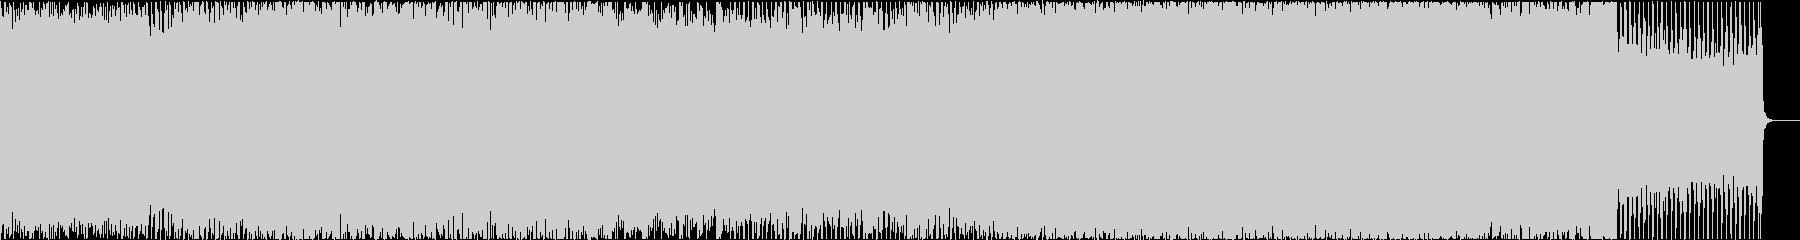 ノリのある元気なEDMの未再生の波形